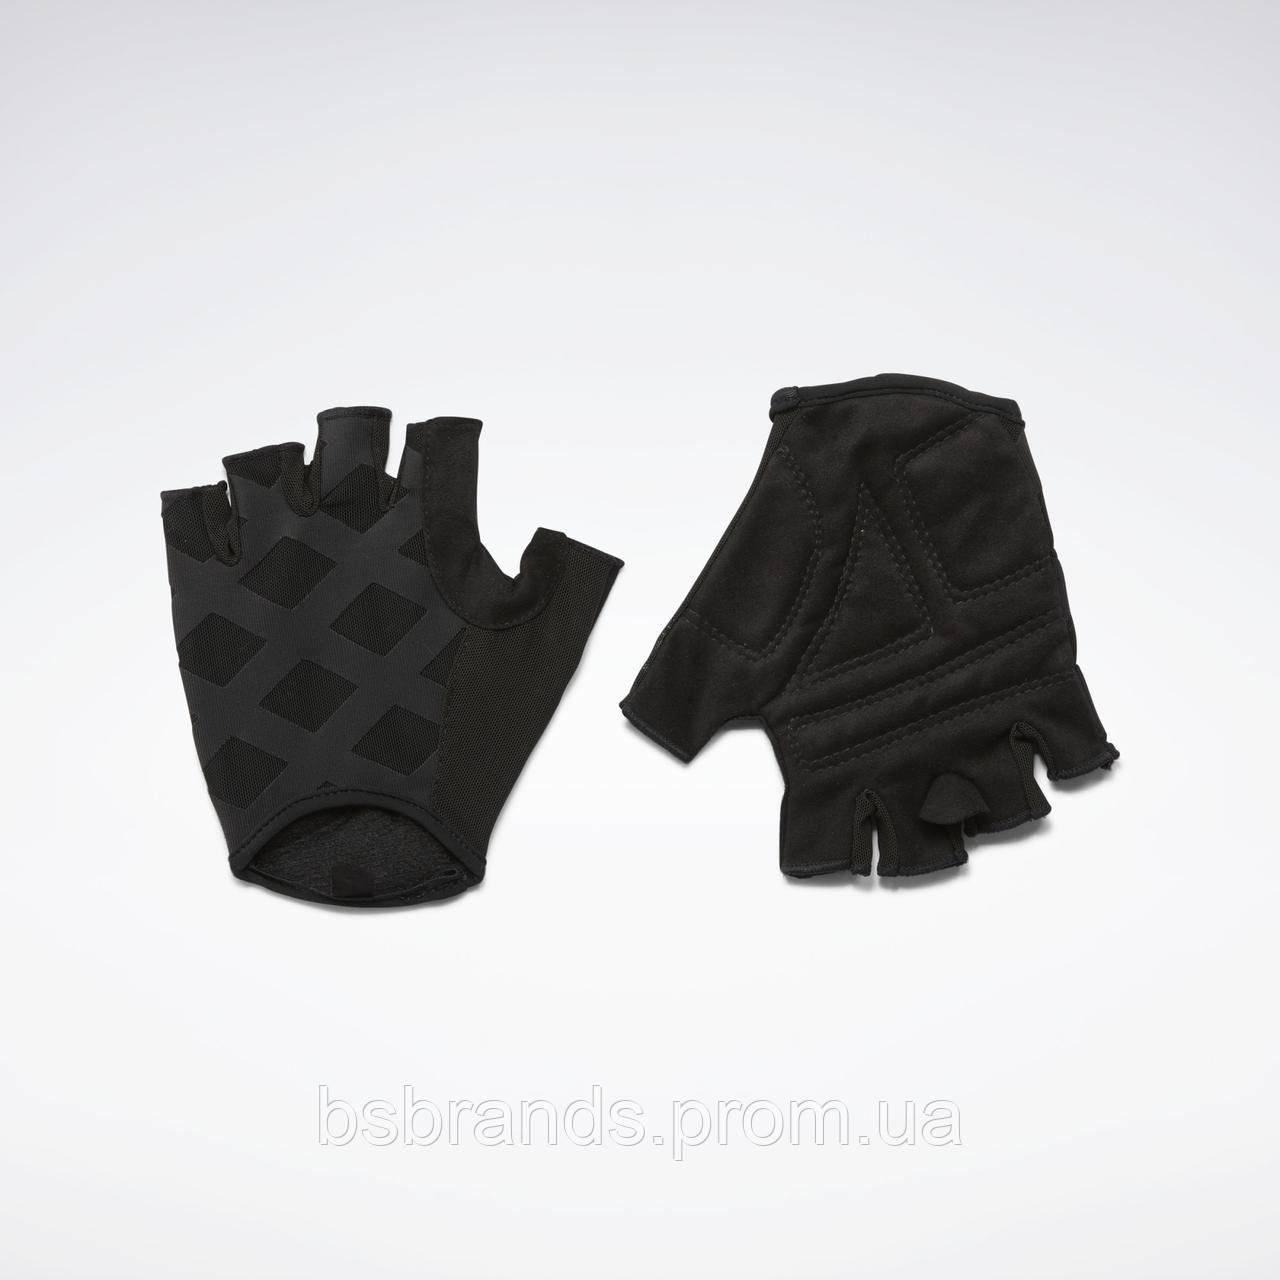 Перчатки Reebok для зала Studio FQ5415 (2020/1)